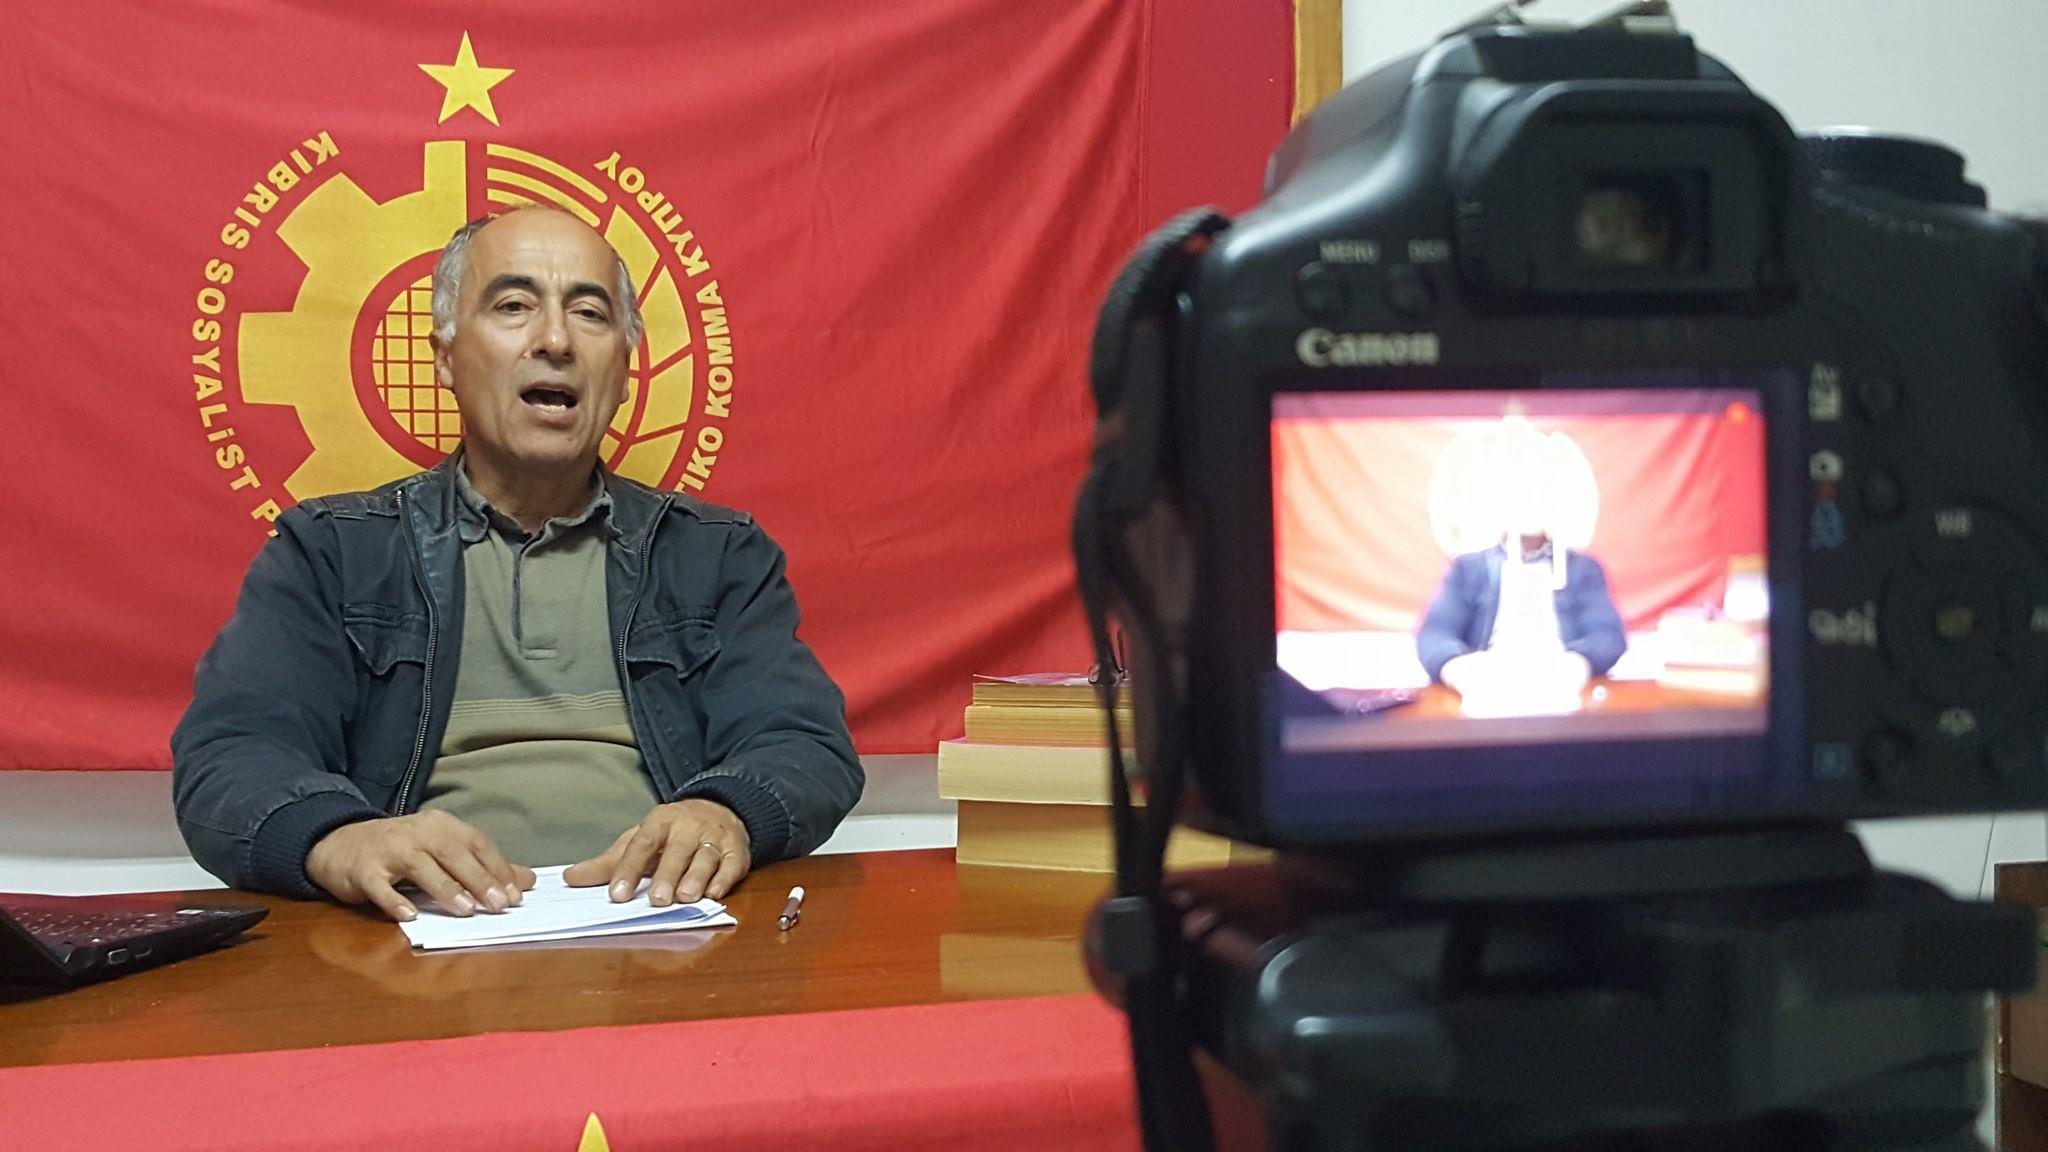 """Osman Zorba'yı desteklemek """"bu memleket bizimdir biz yöneteceğiz"""" demektir"""